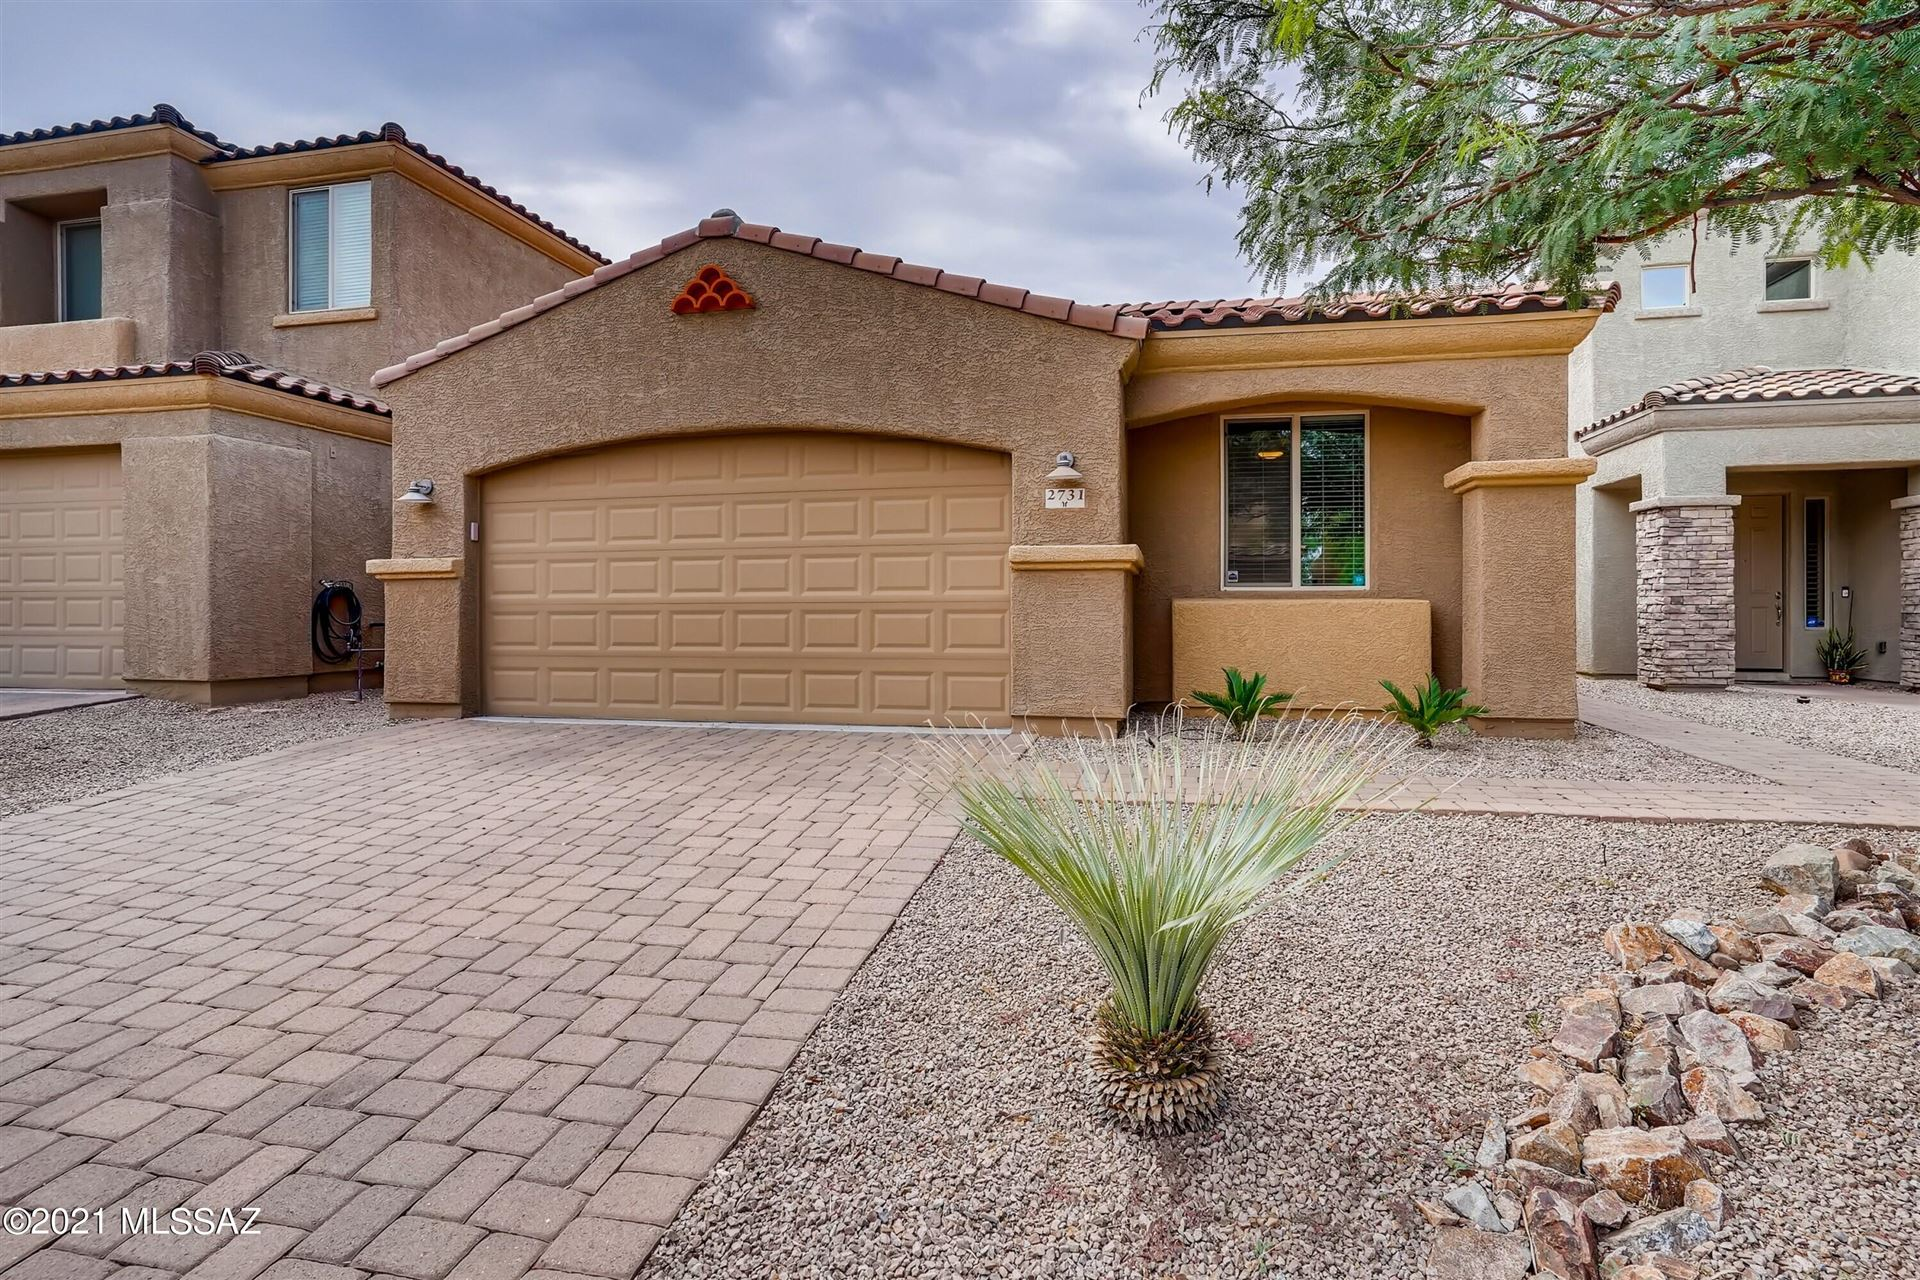 2731 W Checkerspot Drive, Tucson, AZ 85741 - #: 22123970